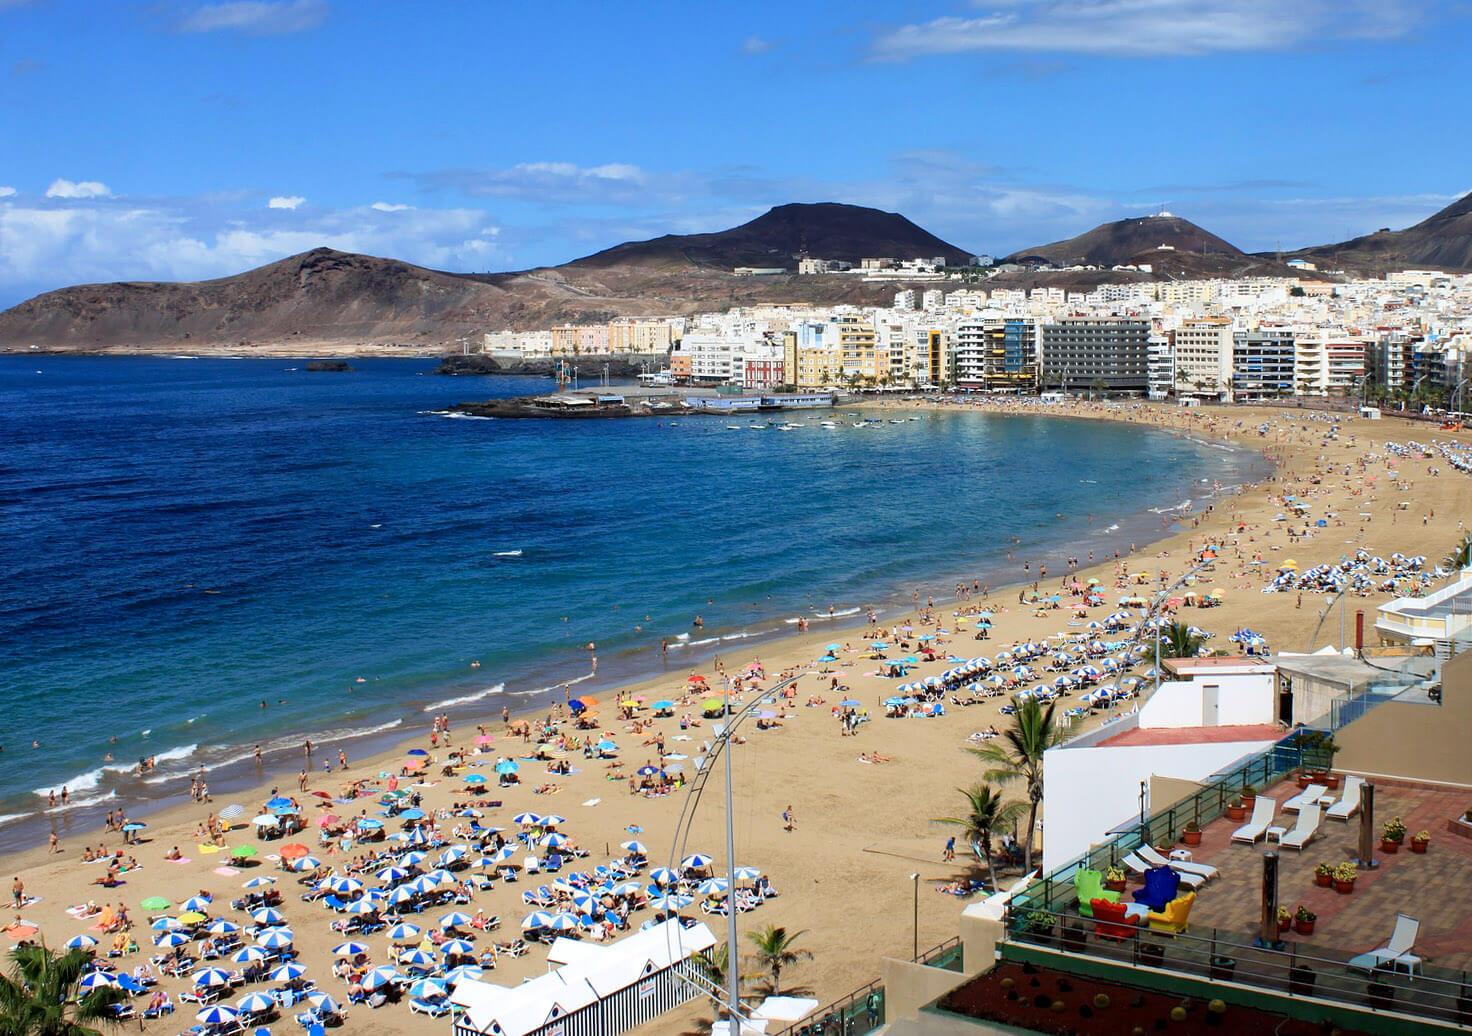 Paysage de Gran Canaria (Grande Canarie)